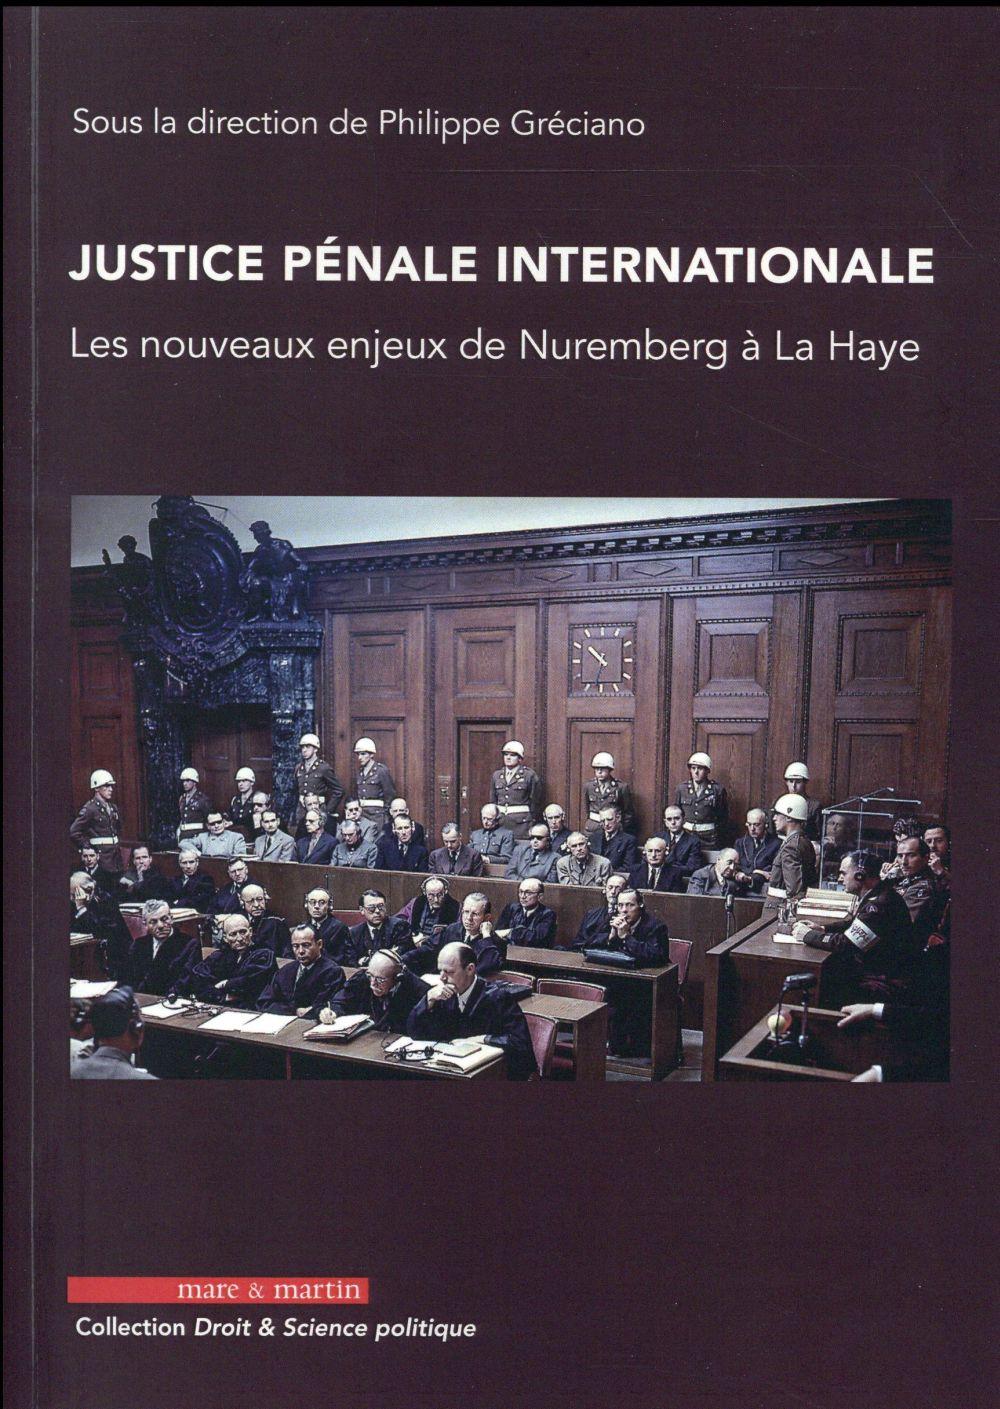 Justice pénale internationale ; les nouveaux enjeux de Nuremberg à La Haye